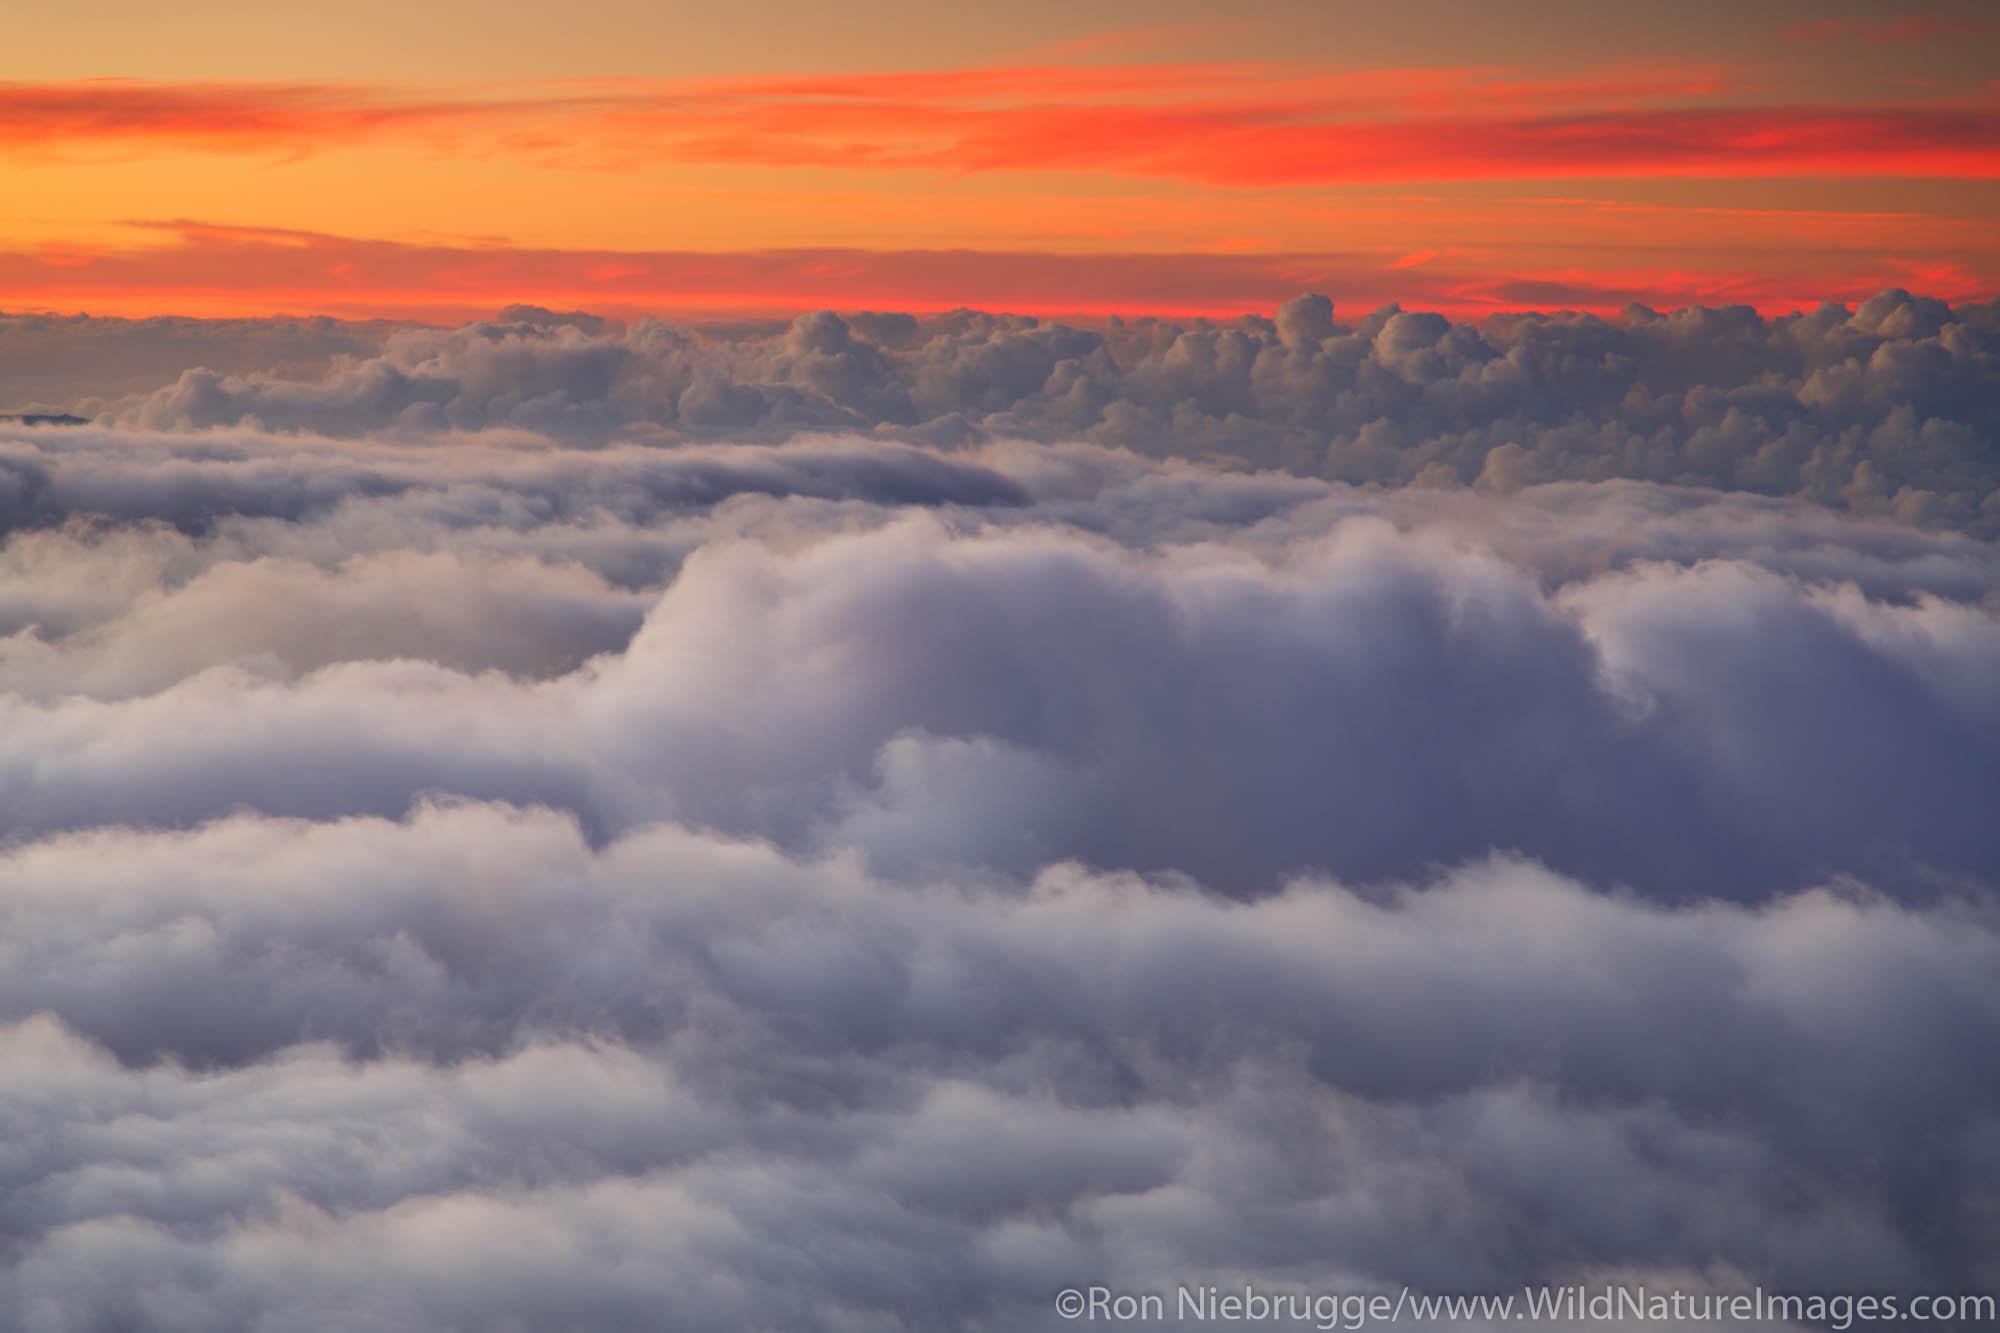 Clouds at sunset from near the top of Haleakala, Haleakala National Park, Maui, Hawaii.